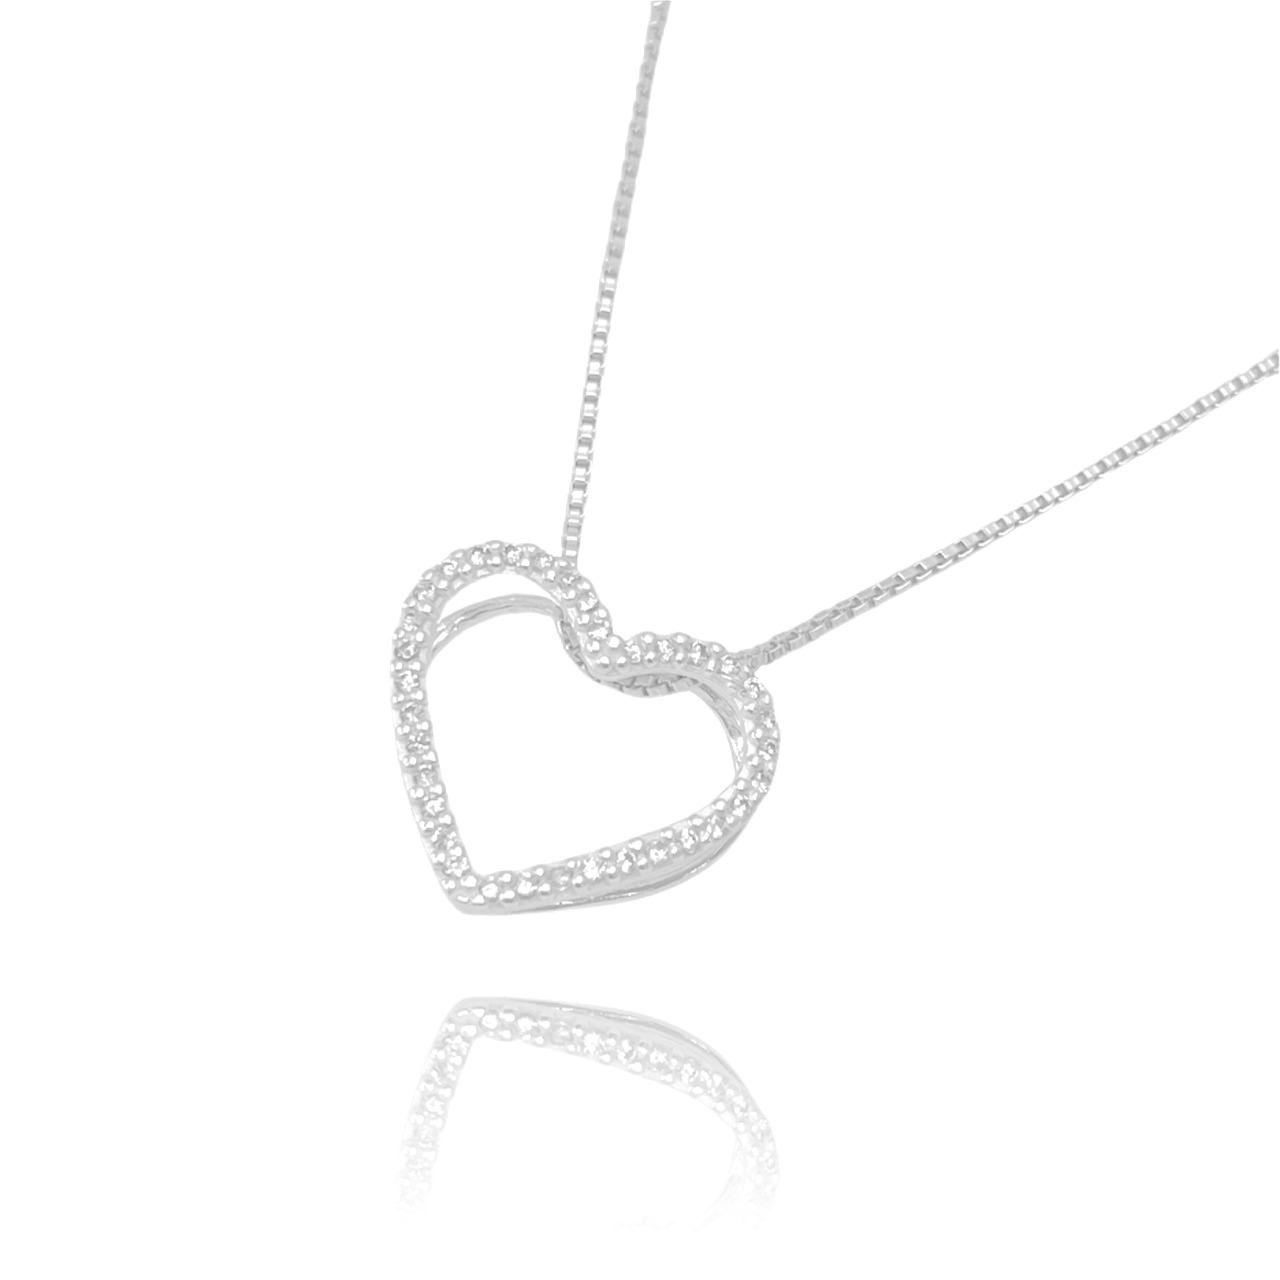 Pingente Coração Vazado Cravejado em Zircônia (1,8cmX1,8cm) (Prata 925 Maciça)